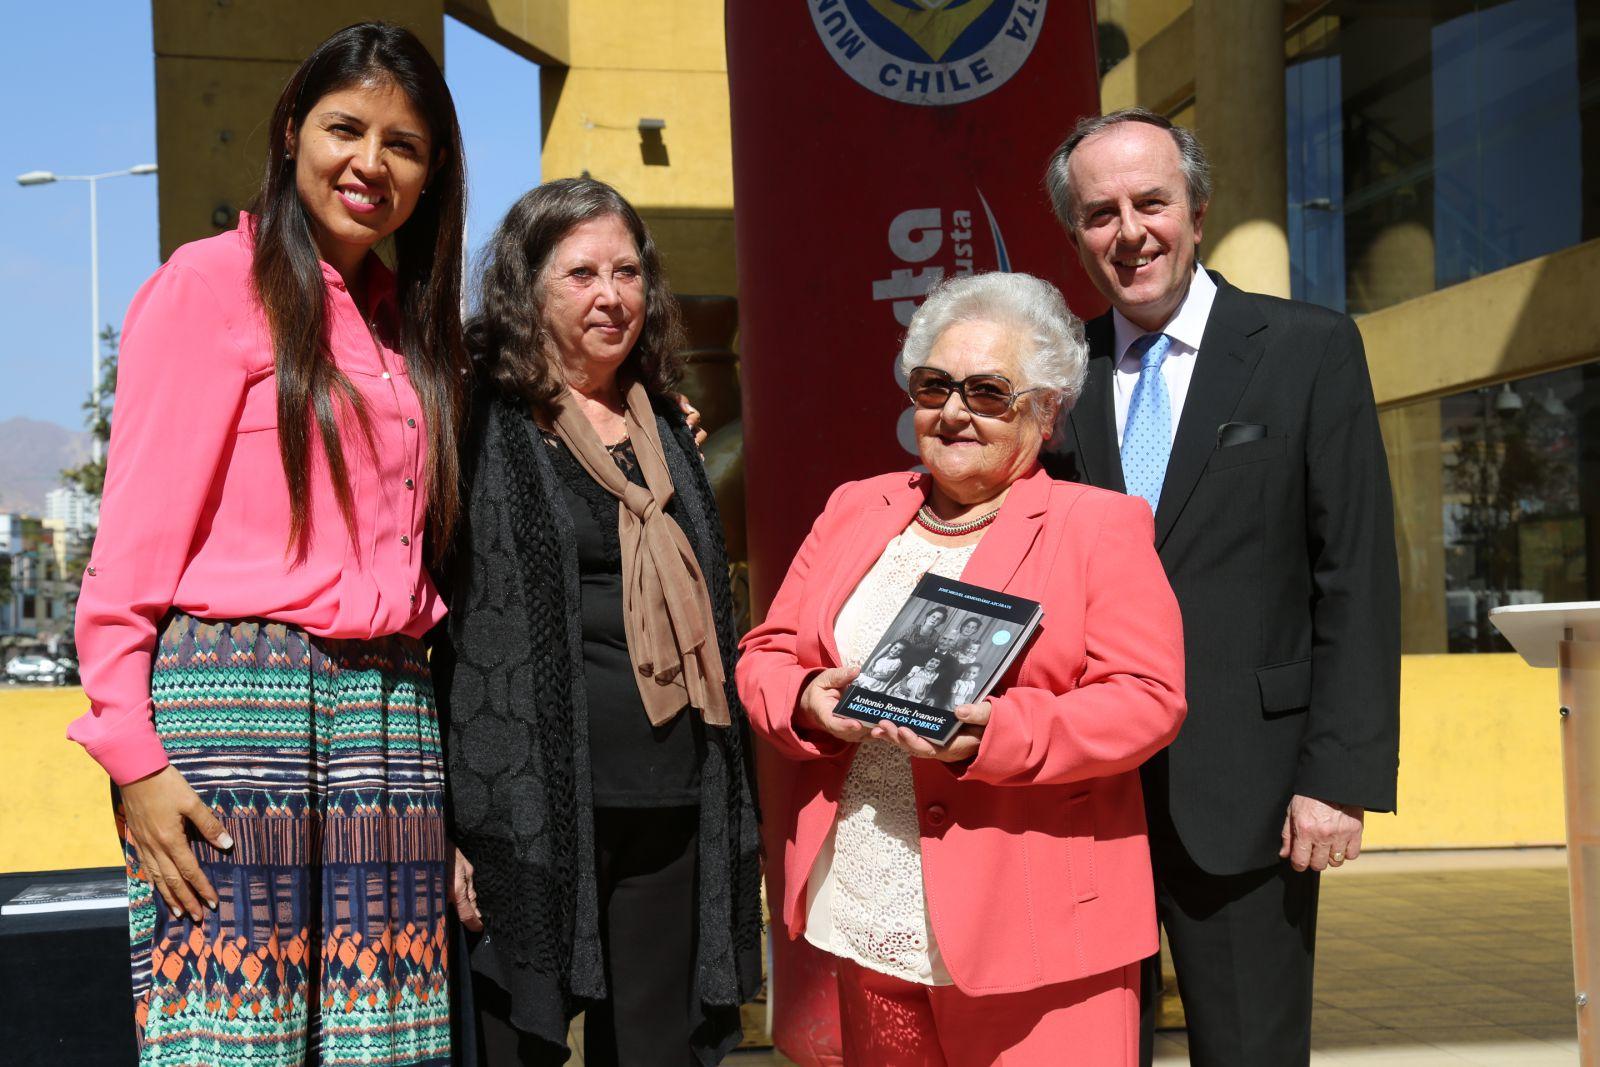 municipio-y-corporacion-cultural-andres-sabella-lanzan-libro-del-doctor-antonio-rendic-a-23-anos-de-su-muerte